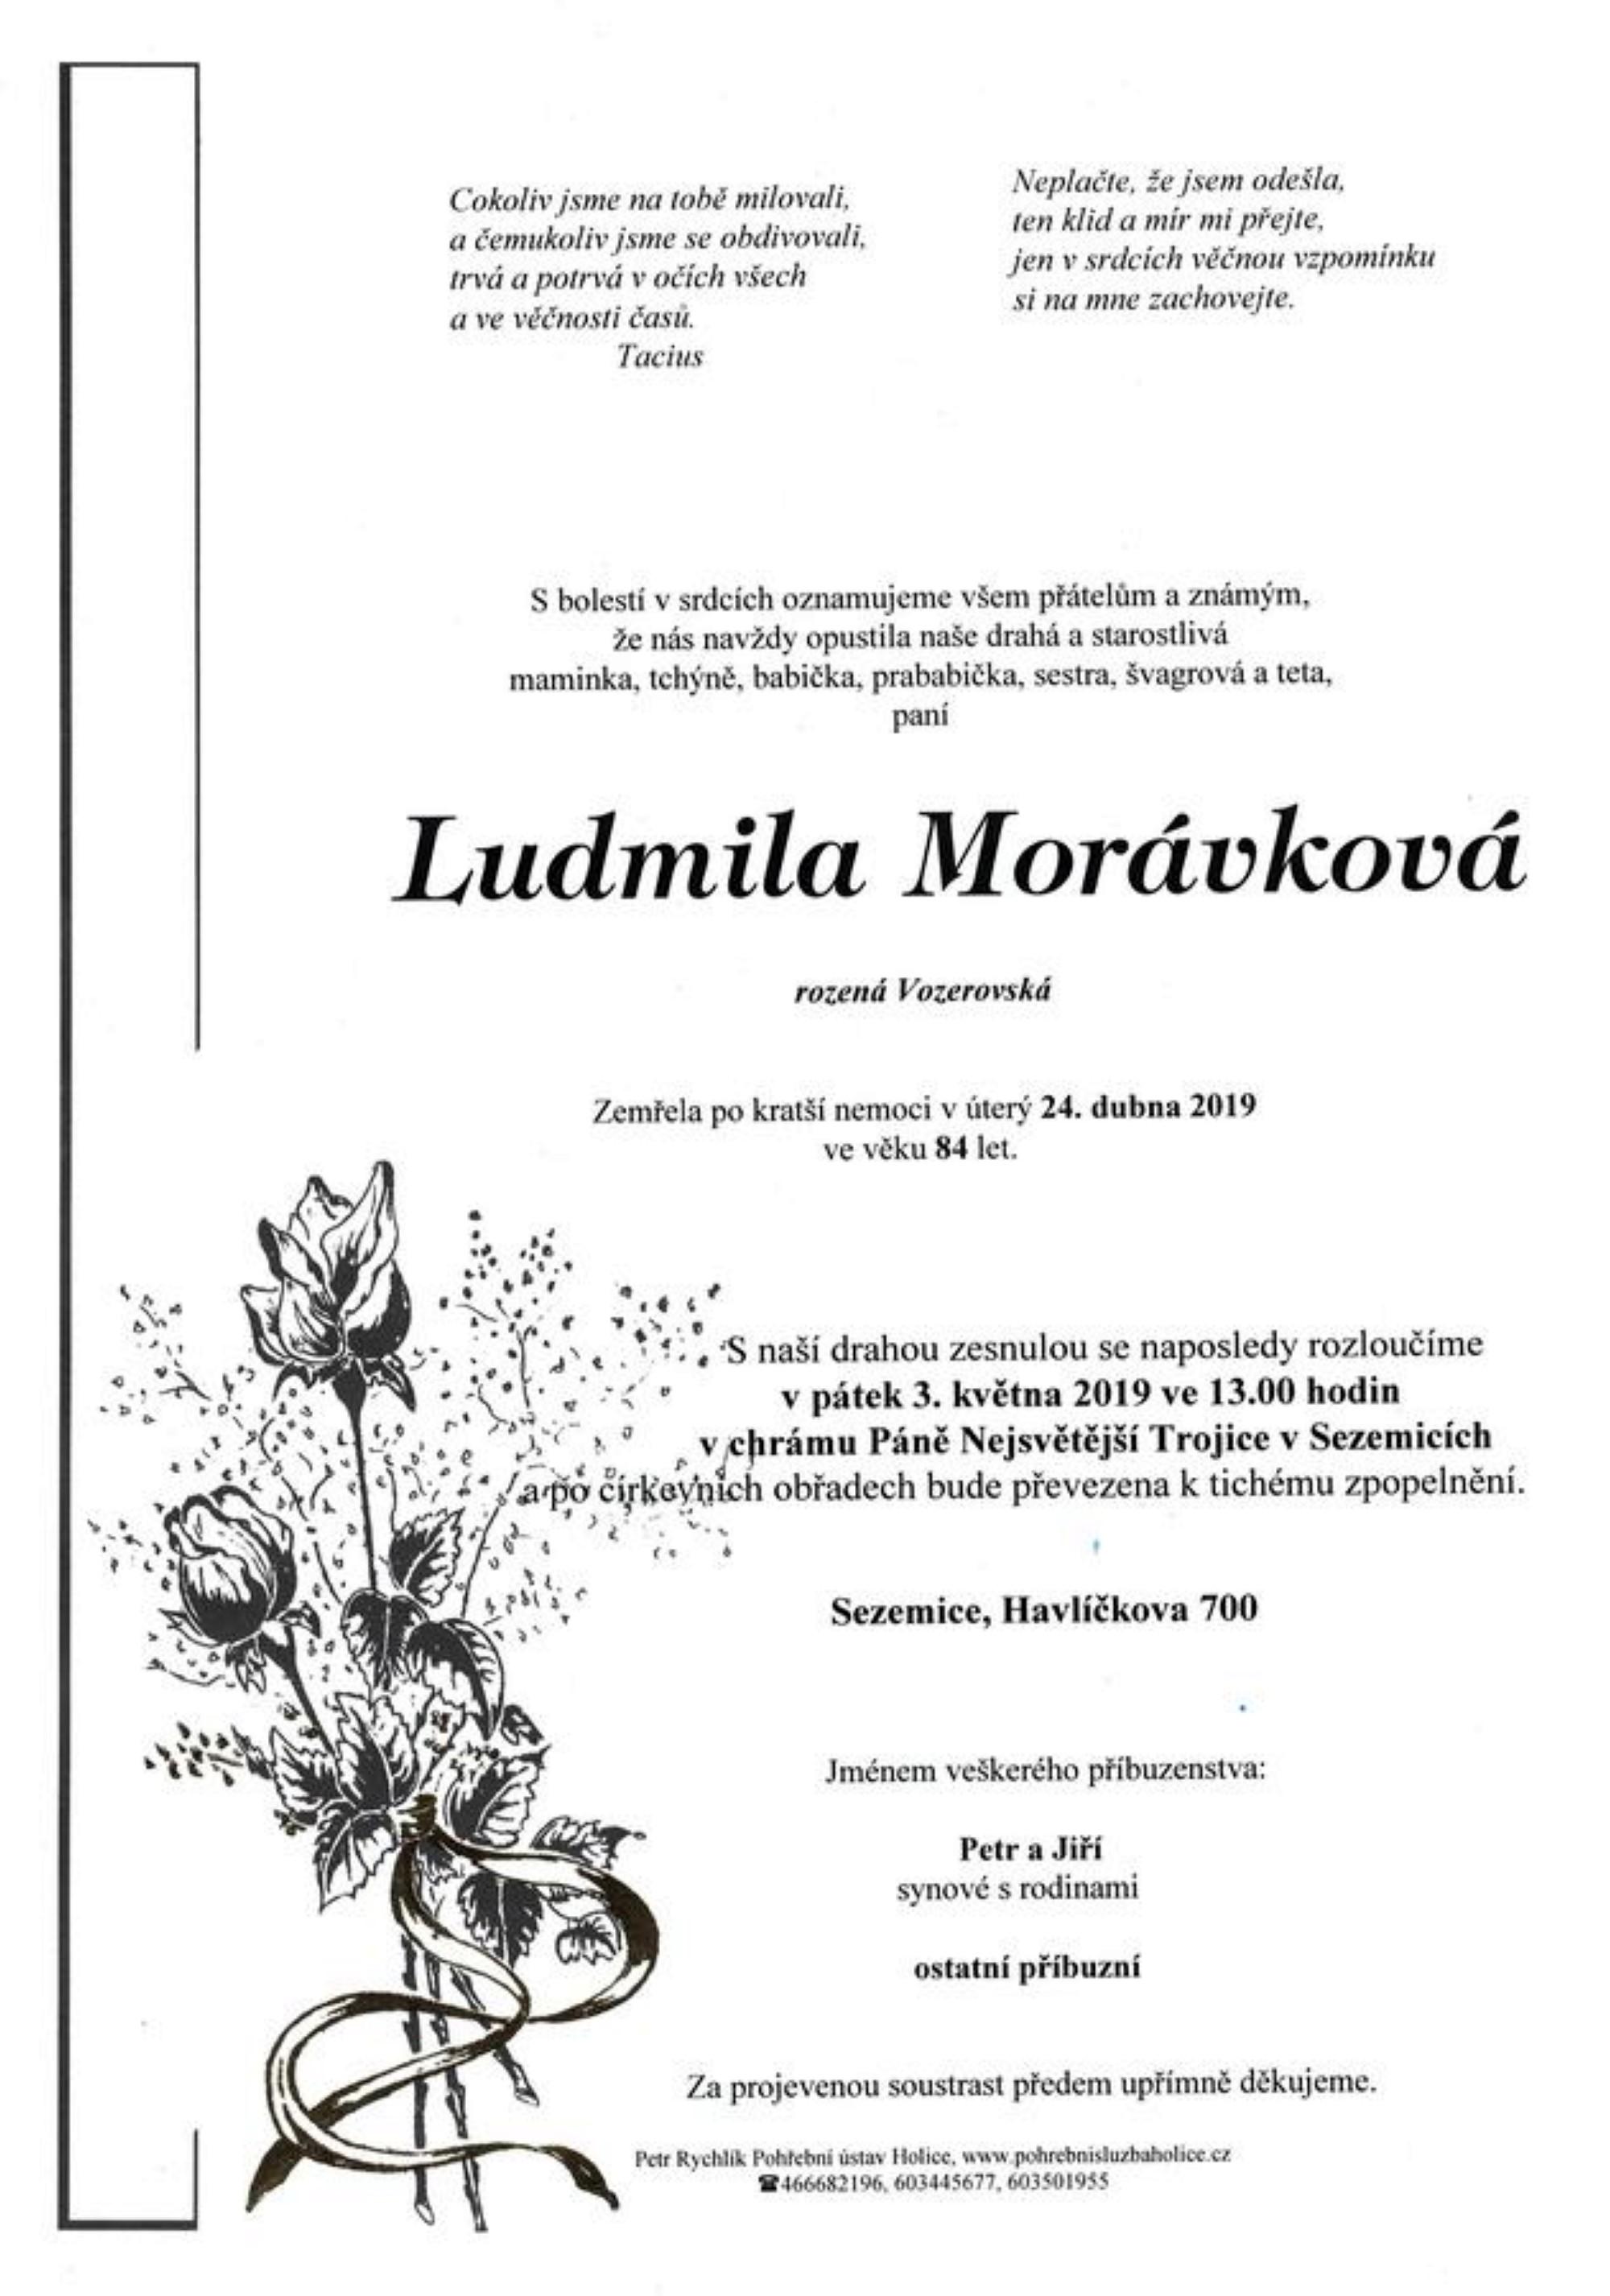 Ludmila Morávková